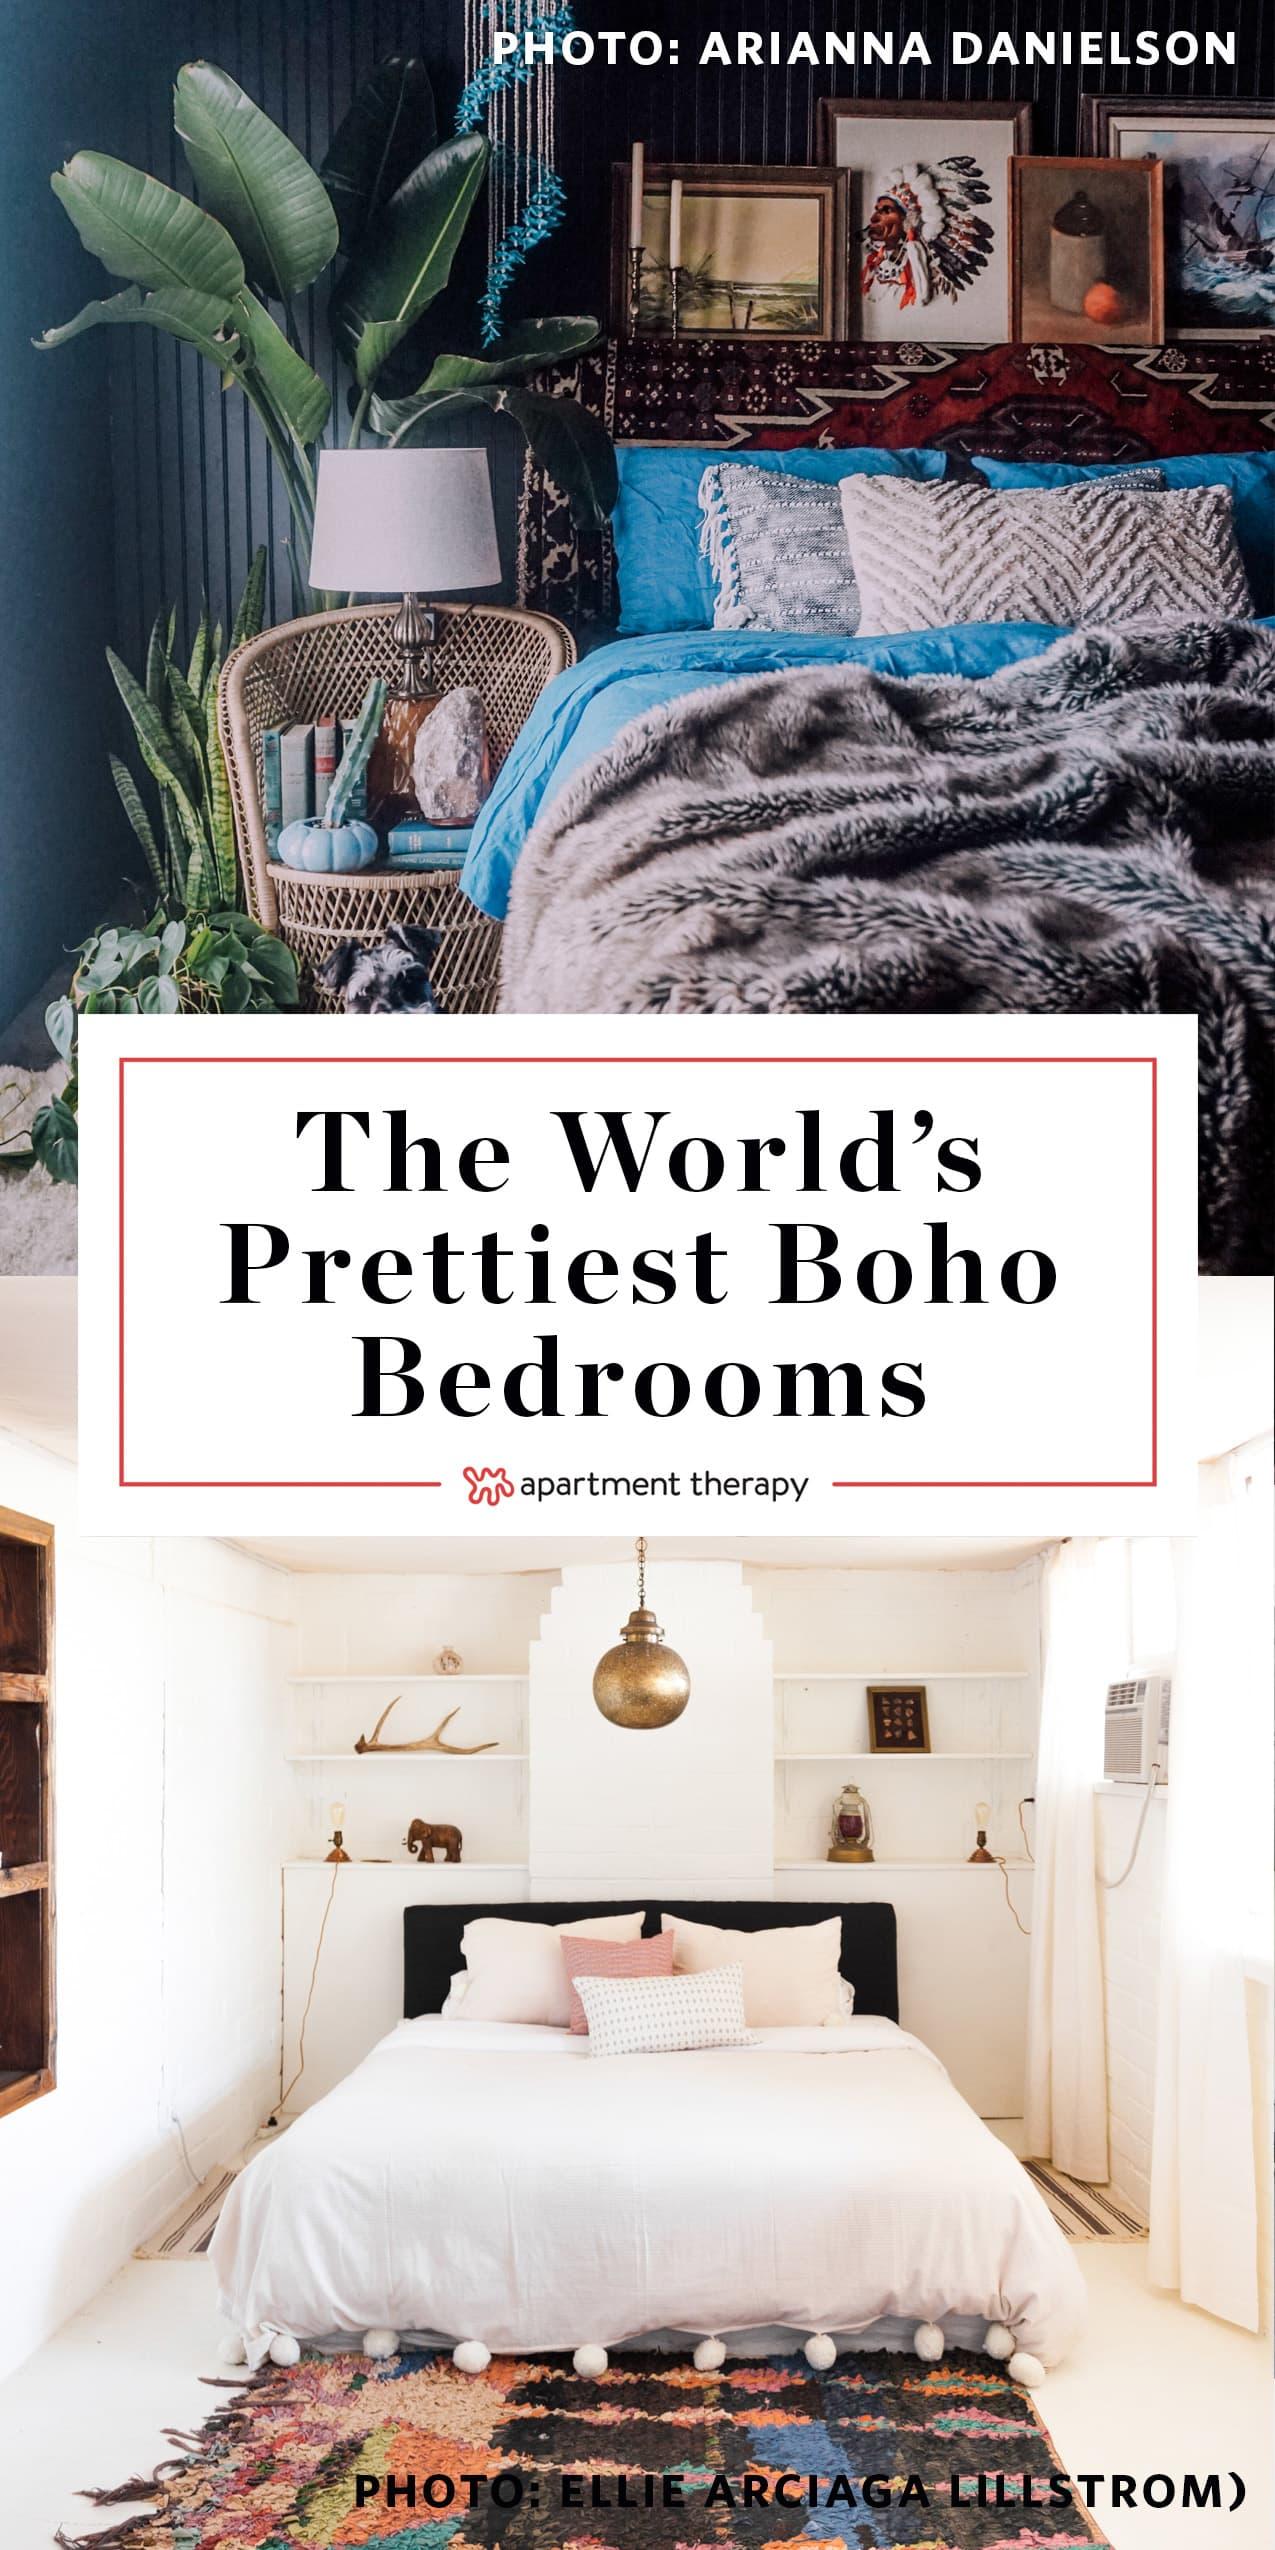 15 Boho Bedroom Ideas - How to Use Boho Style in Bedroom Decor